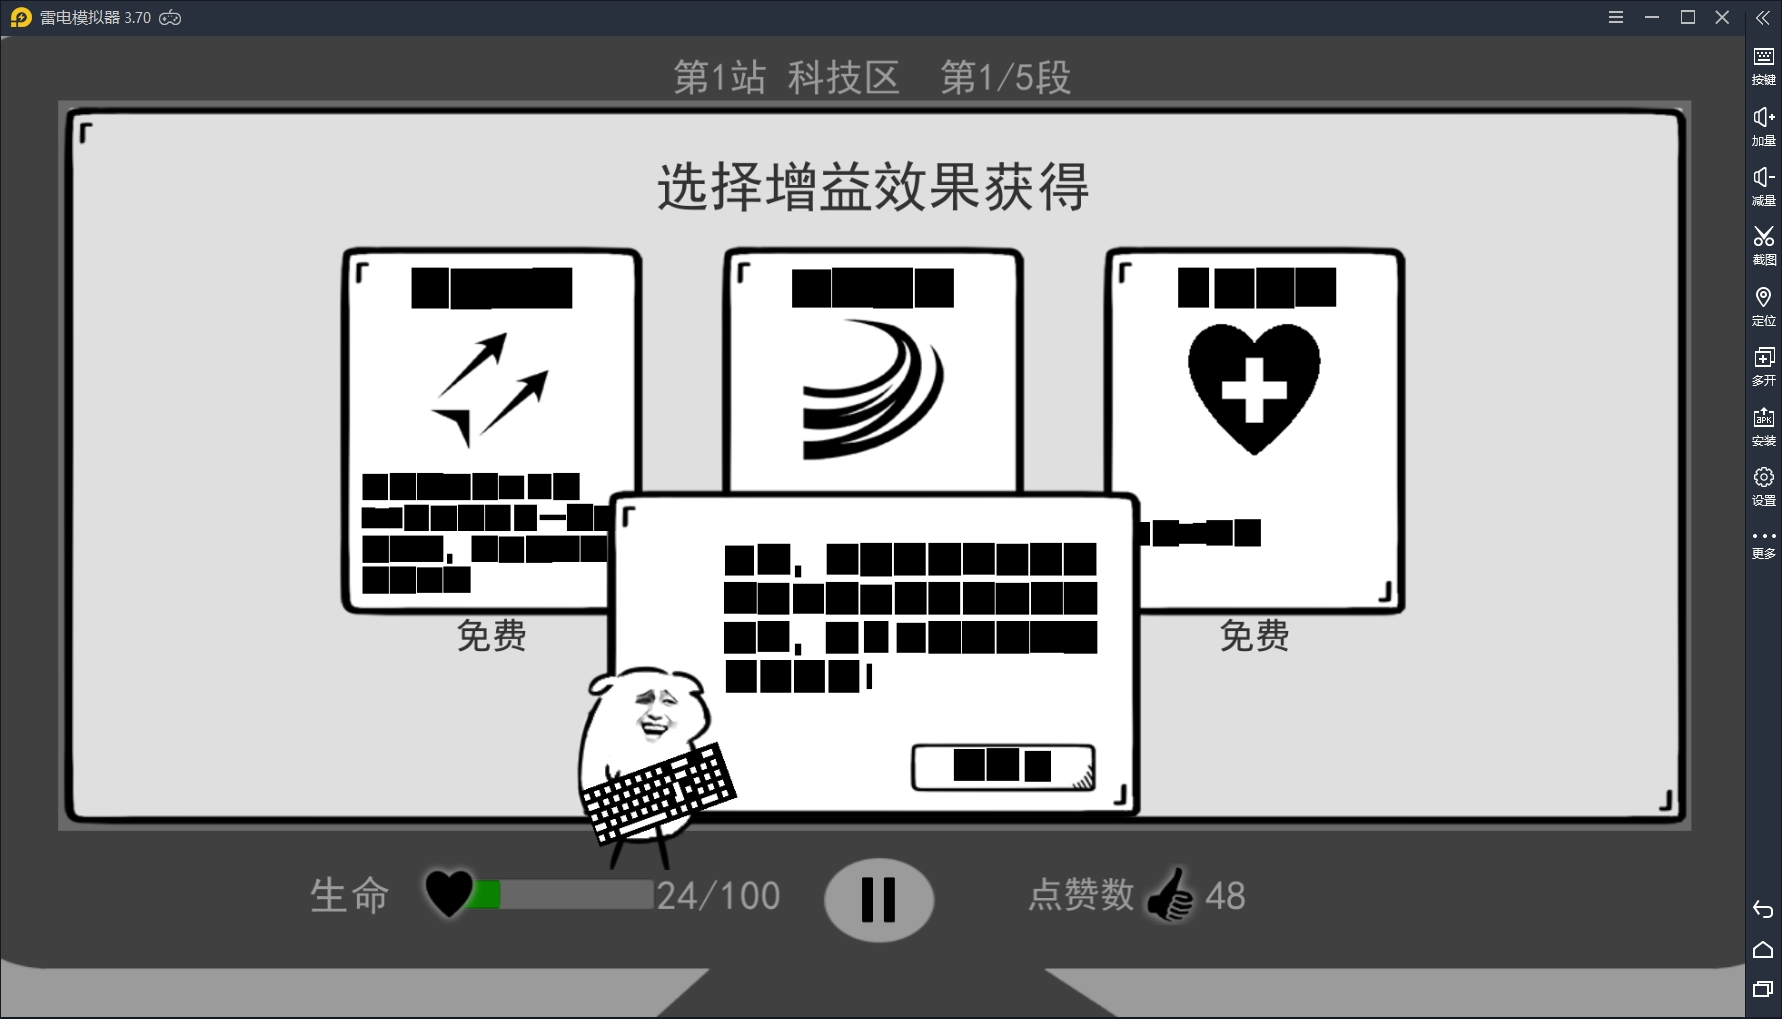 【無情的哈哈機器】:搞怪流行文化的歡樂游戲